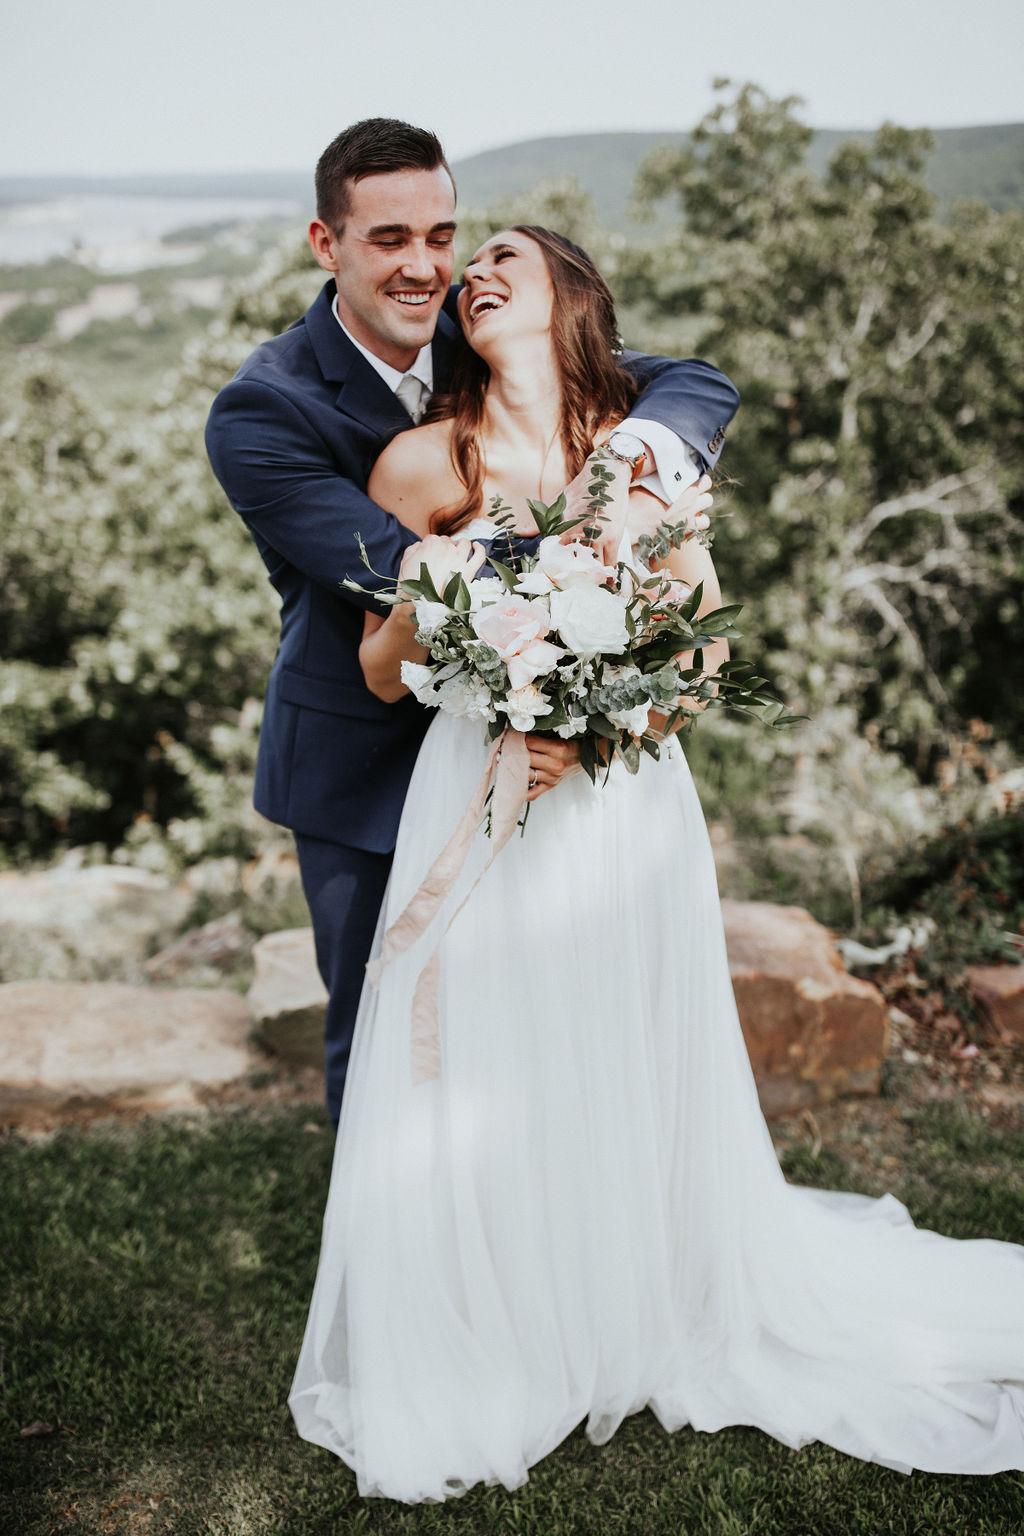 Tulsa Outdoor Wedding Venues 26.jpg